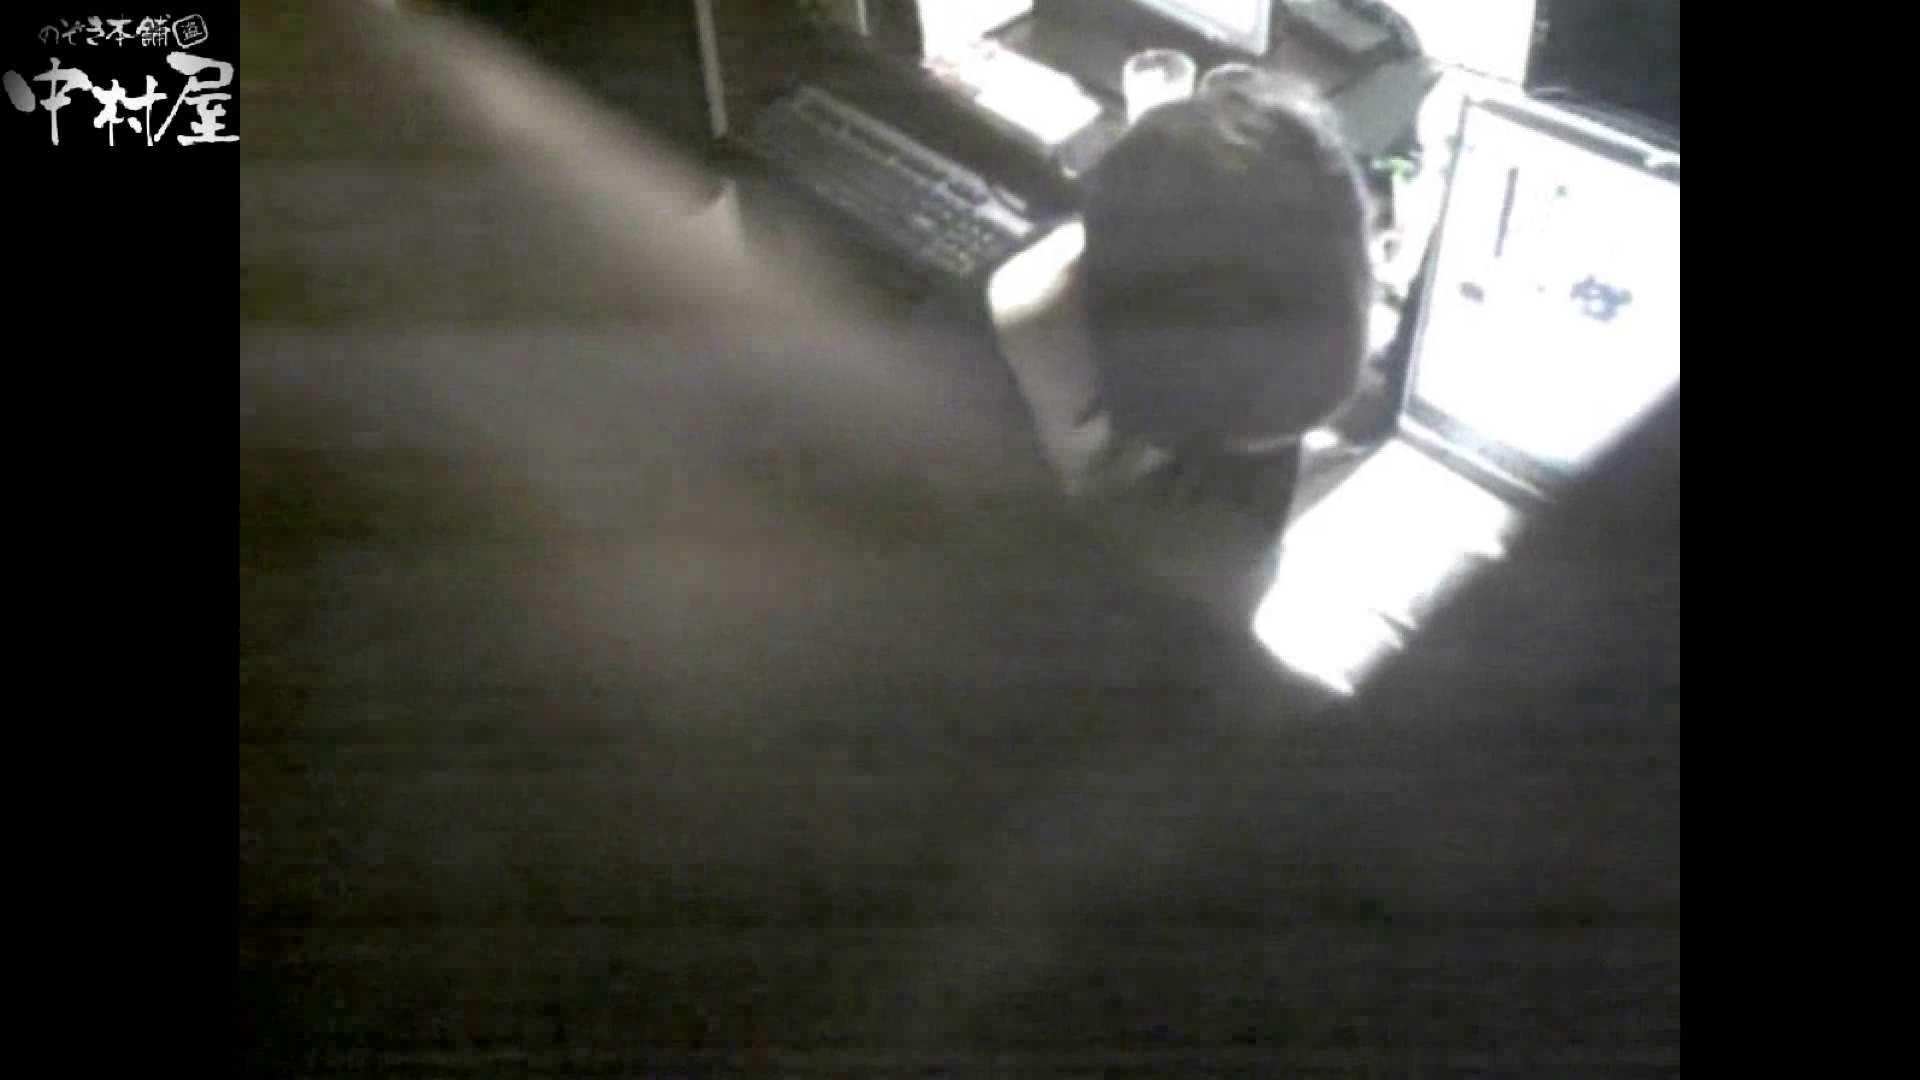 インターネットカフェの中で起こっている出来事 vol.011 卑猥 SEX無修正画像 83pic 29